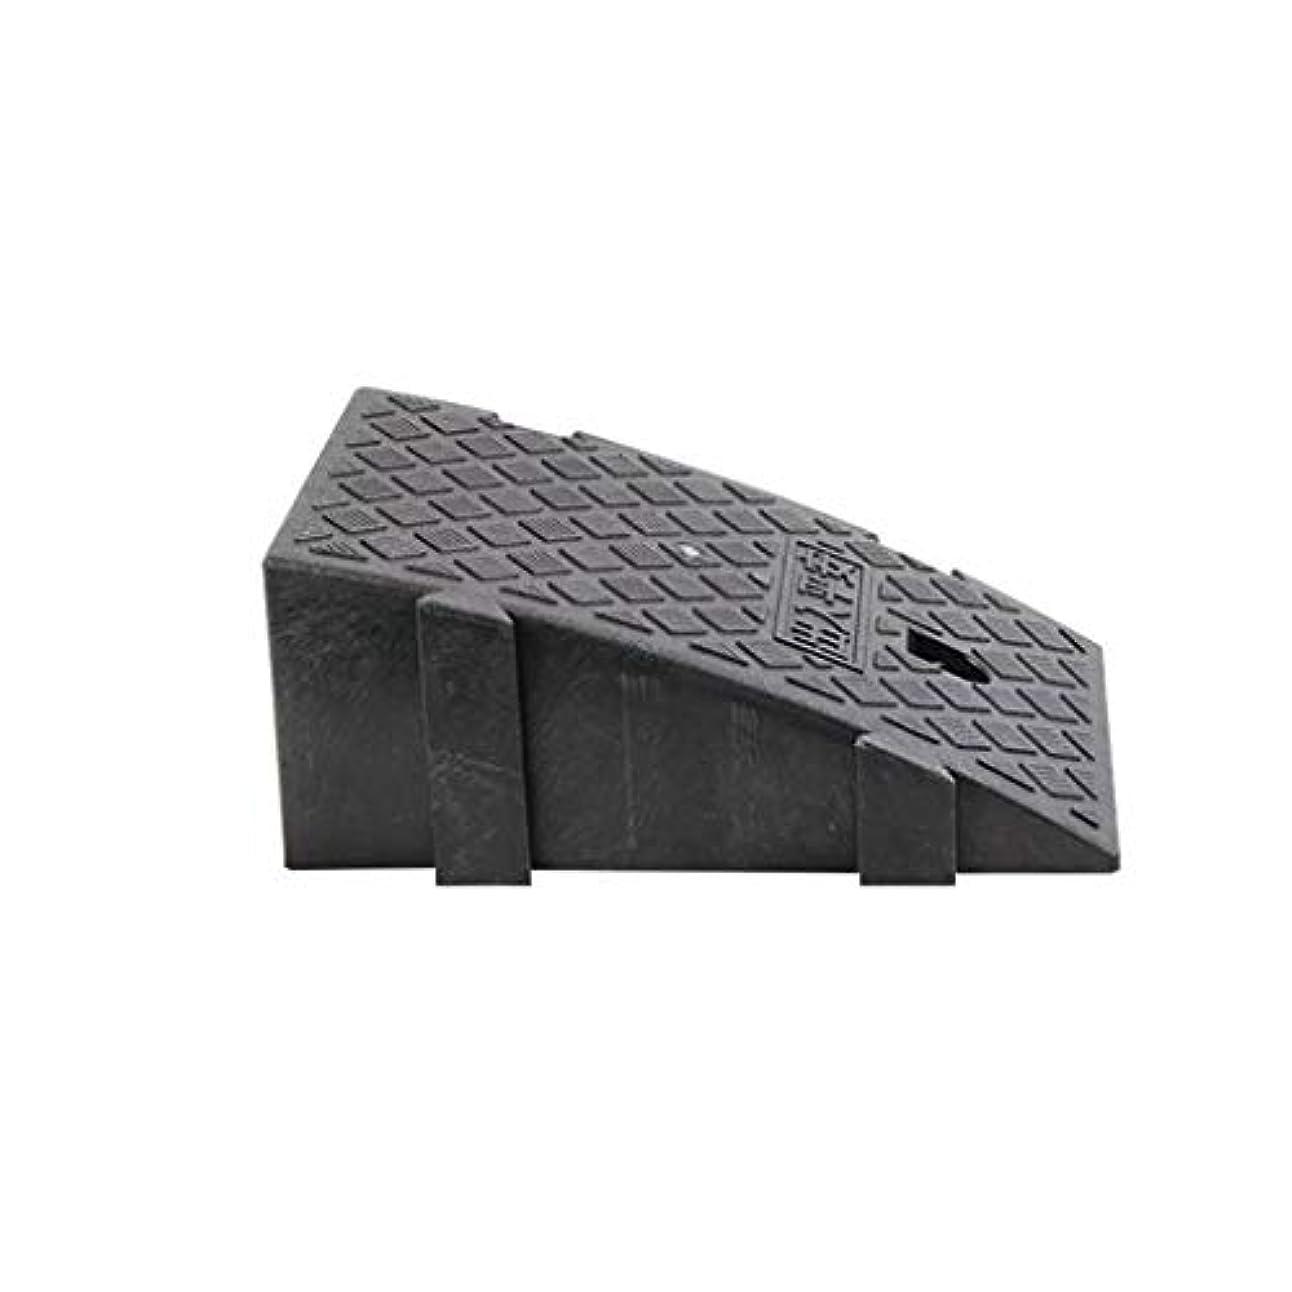 否定するキルス農夫XUZgag ポータブルスロープパッド、車用傾斜路ポータブル小型トライアングルパッド上りパッドステップ階段車椅子上りパッド滑り止めマット ノンスリップ (Color : Black, Size : 24.5*43.5*18.5CM)